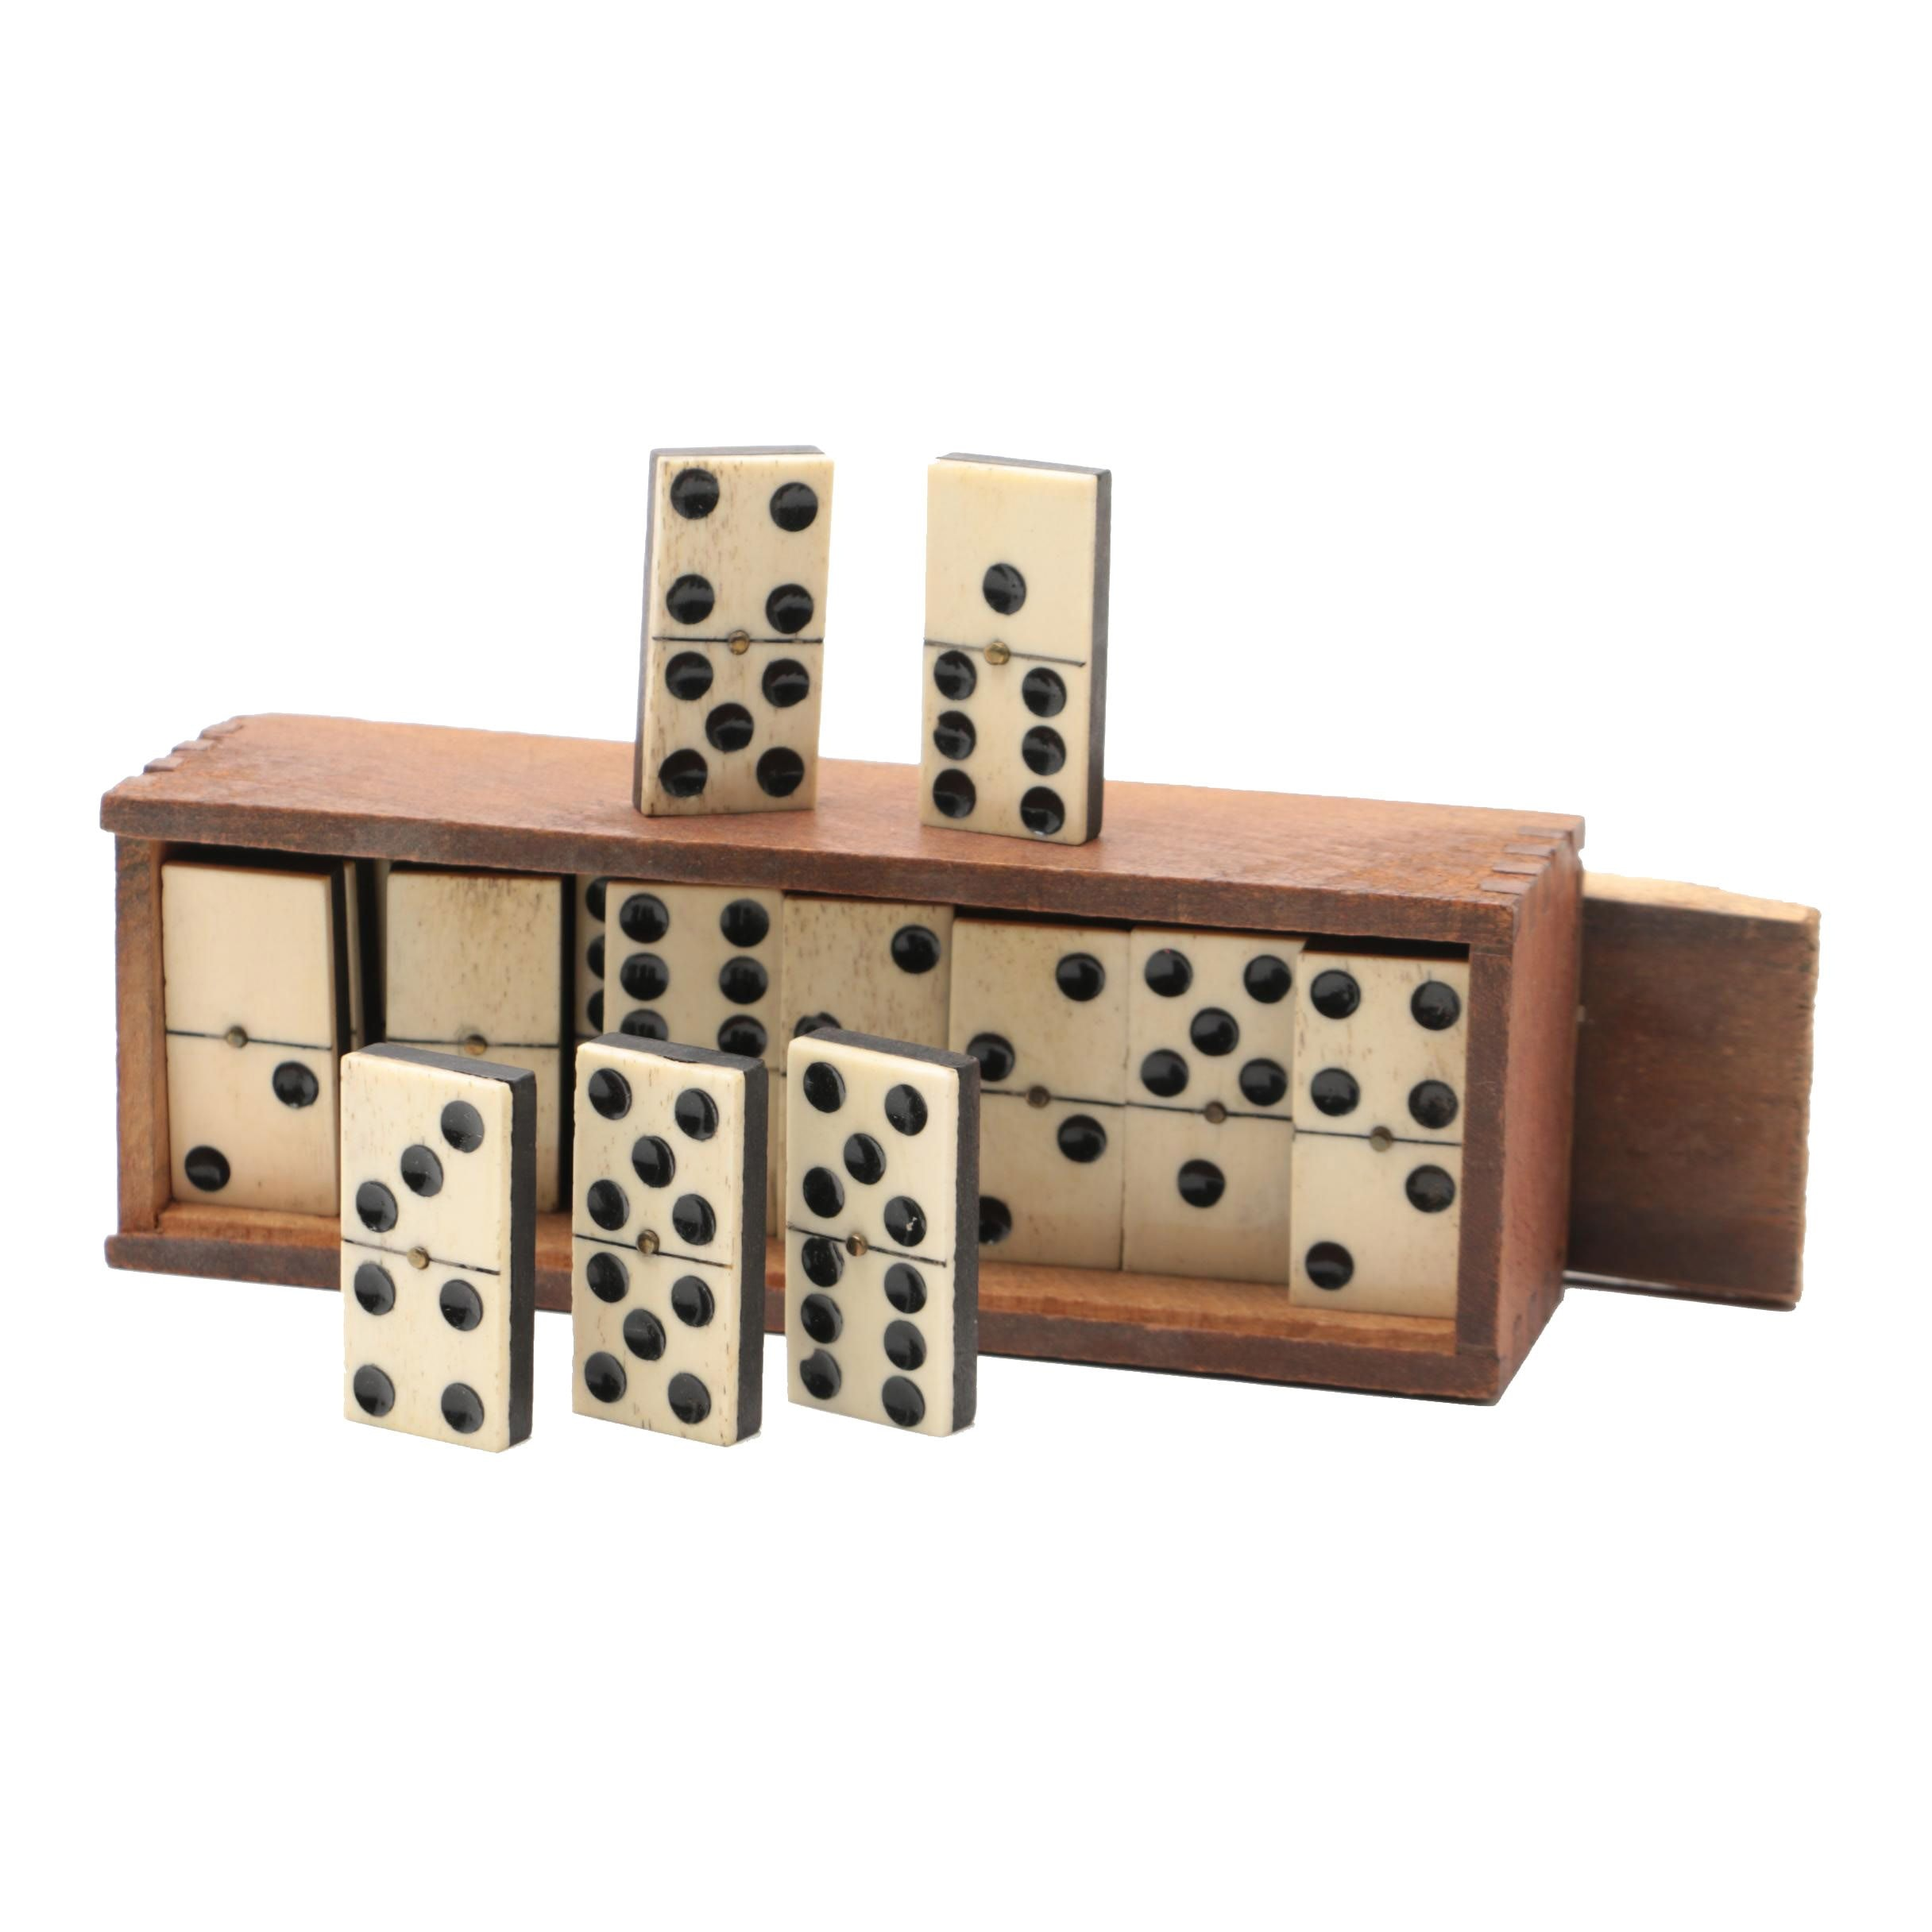 Carved Bone Dominoes in Wood Box